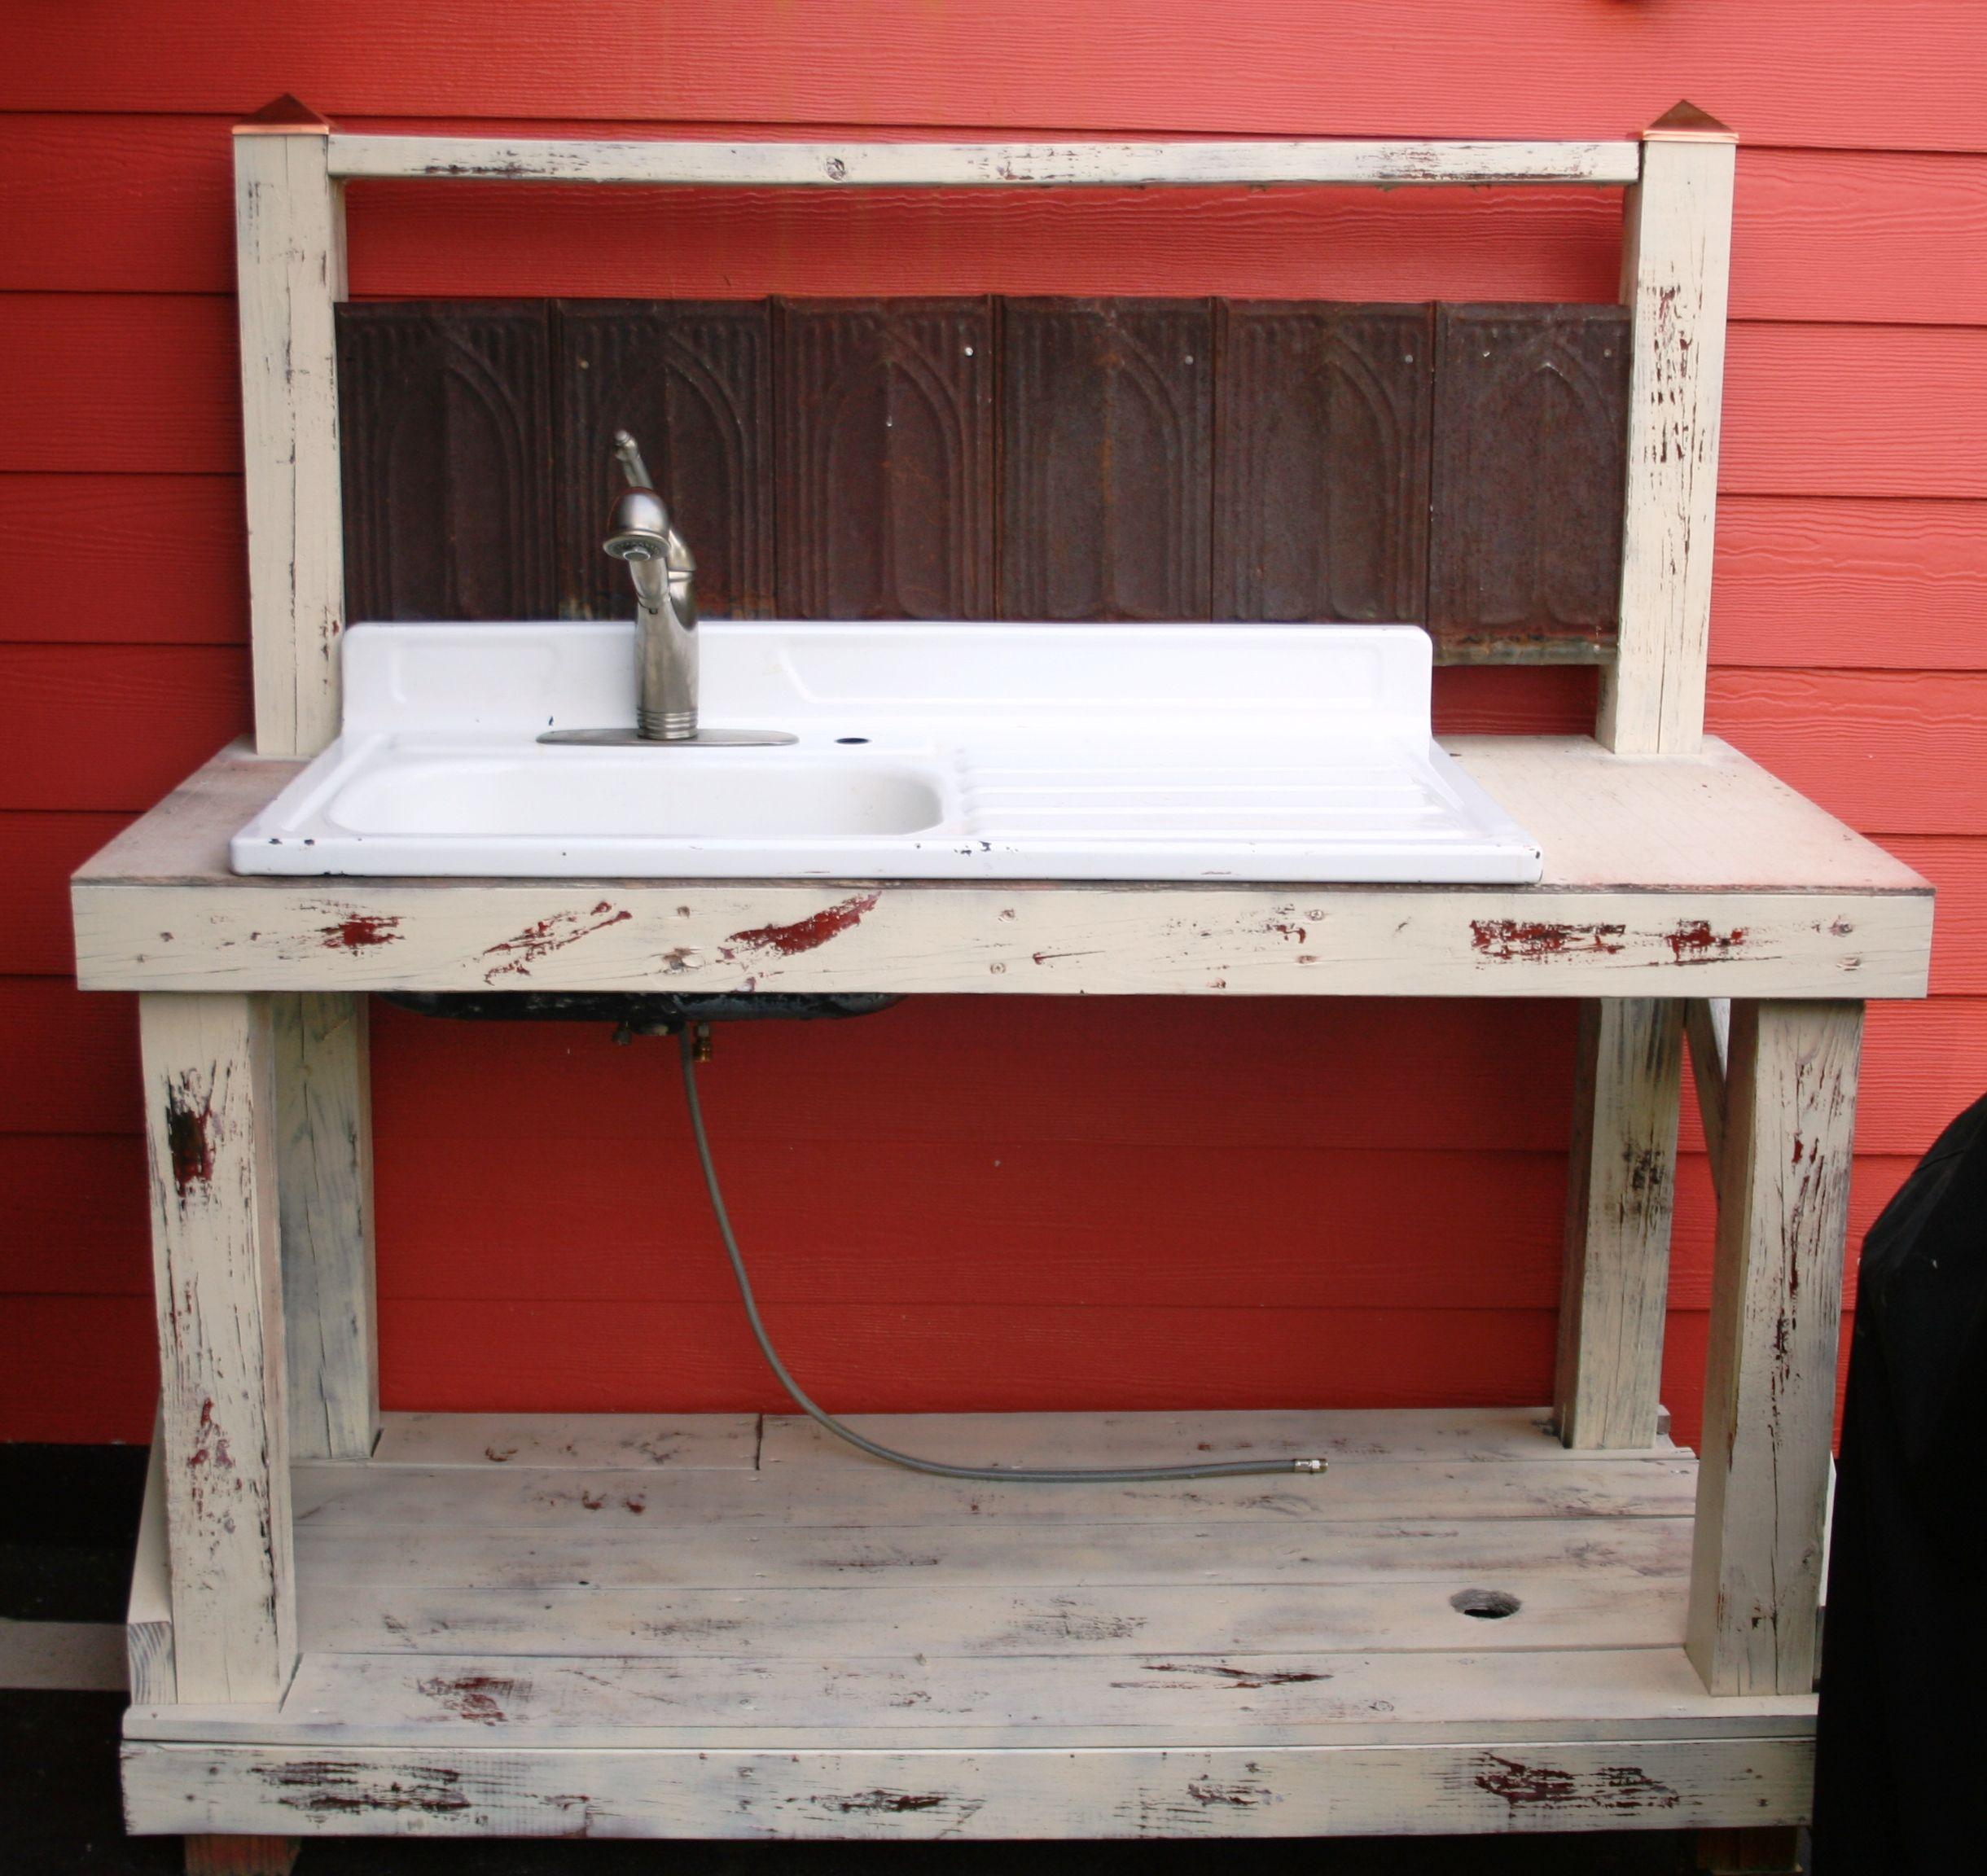 Outdoor kitchen sink furniture pinterest for Small outdoor kitchen sink